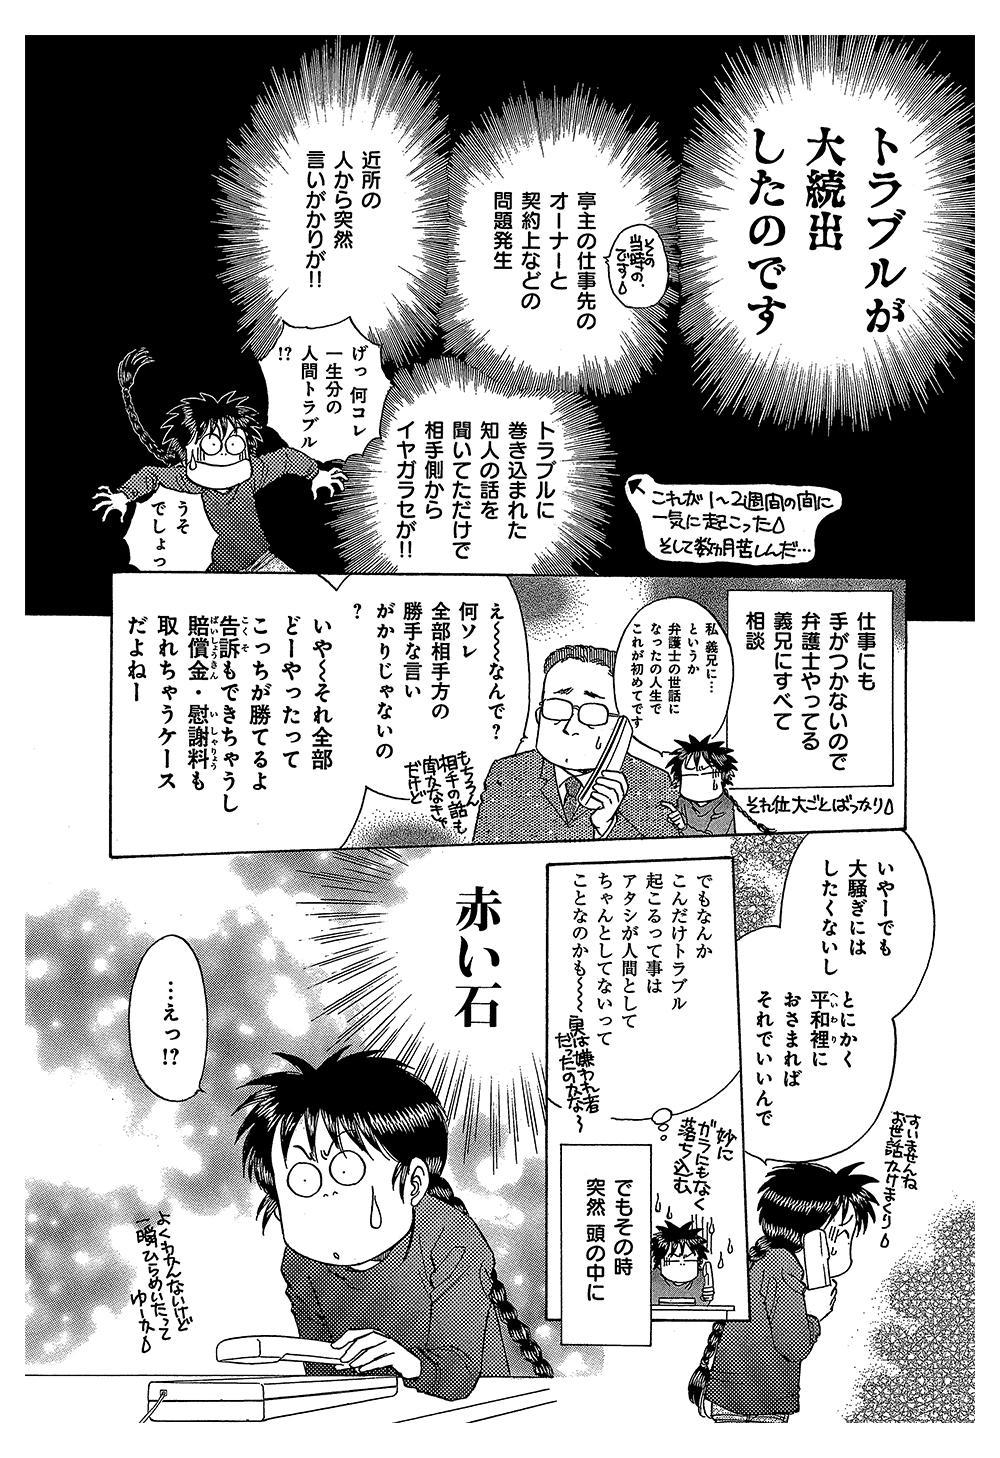 オカルト万華鏡 第1話 ①oka08.jpg